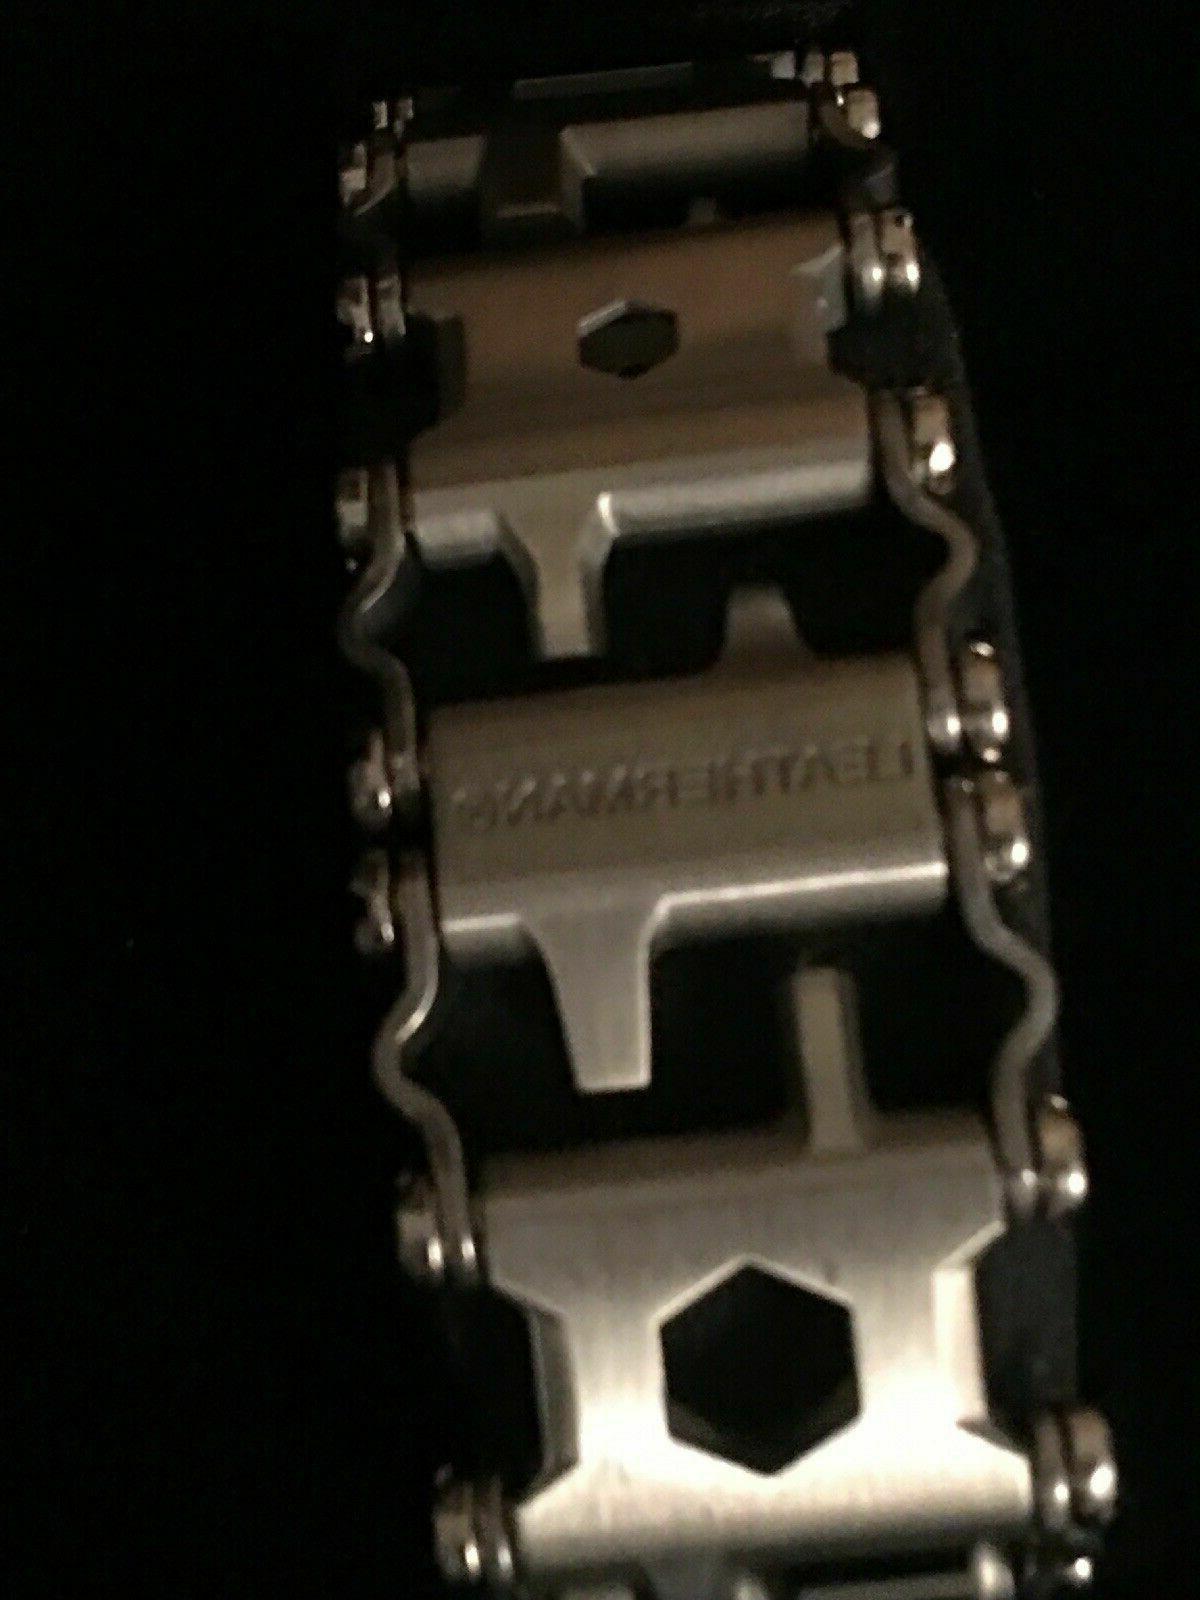 Leatherman Stainless Multi Tool